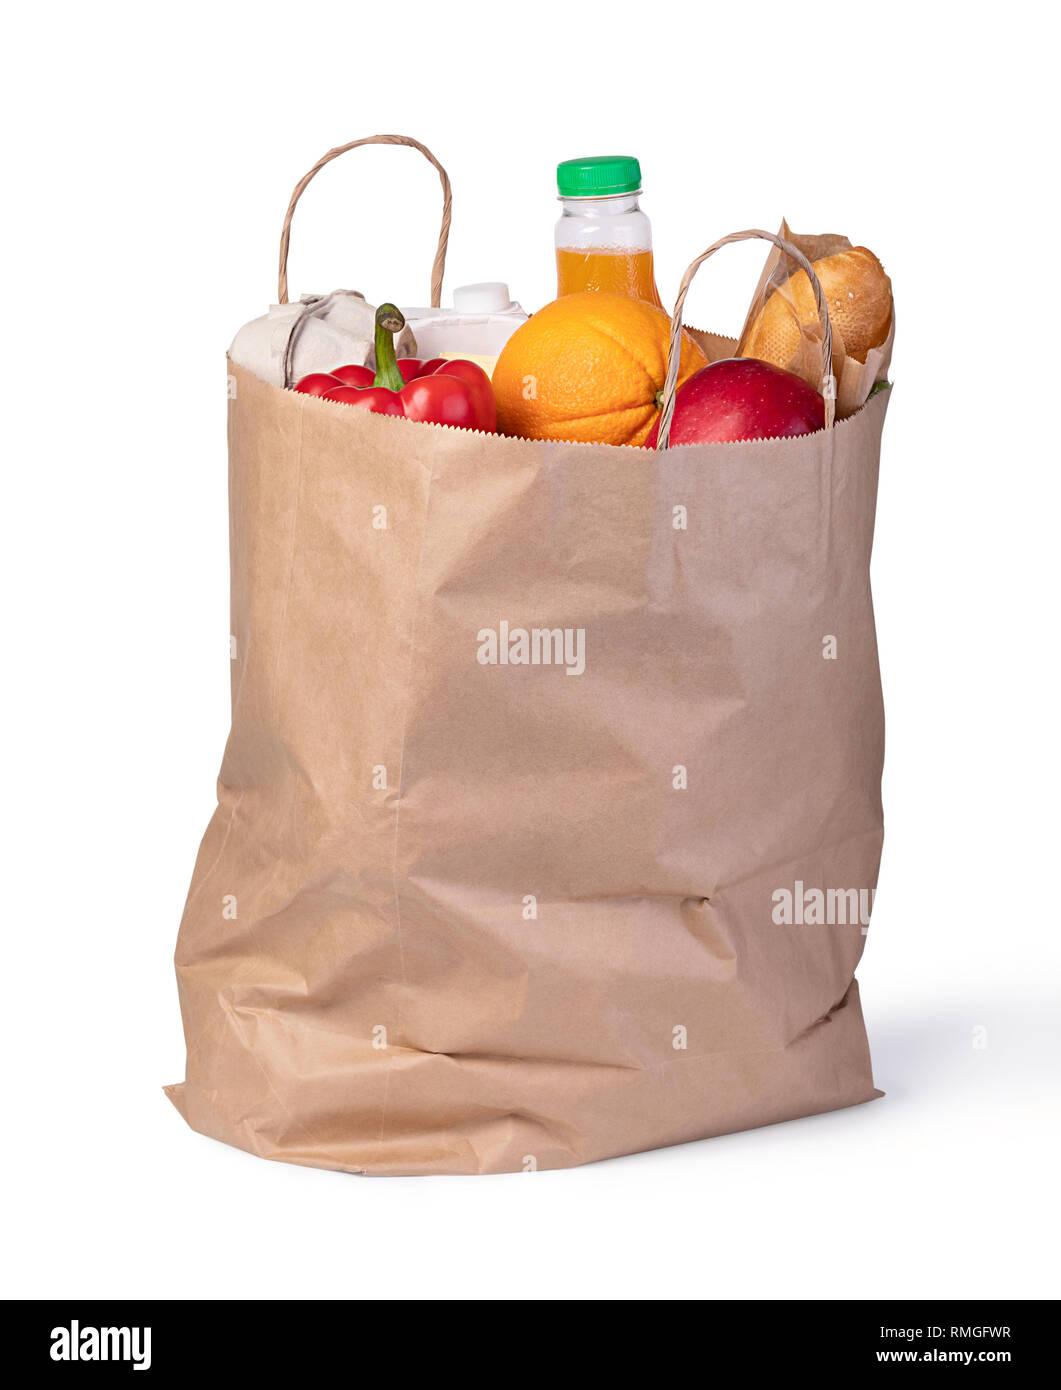 Bolsa de compras de supermercado con alimentos aislado sobre